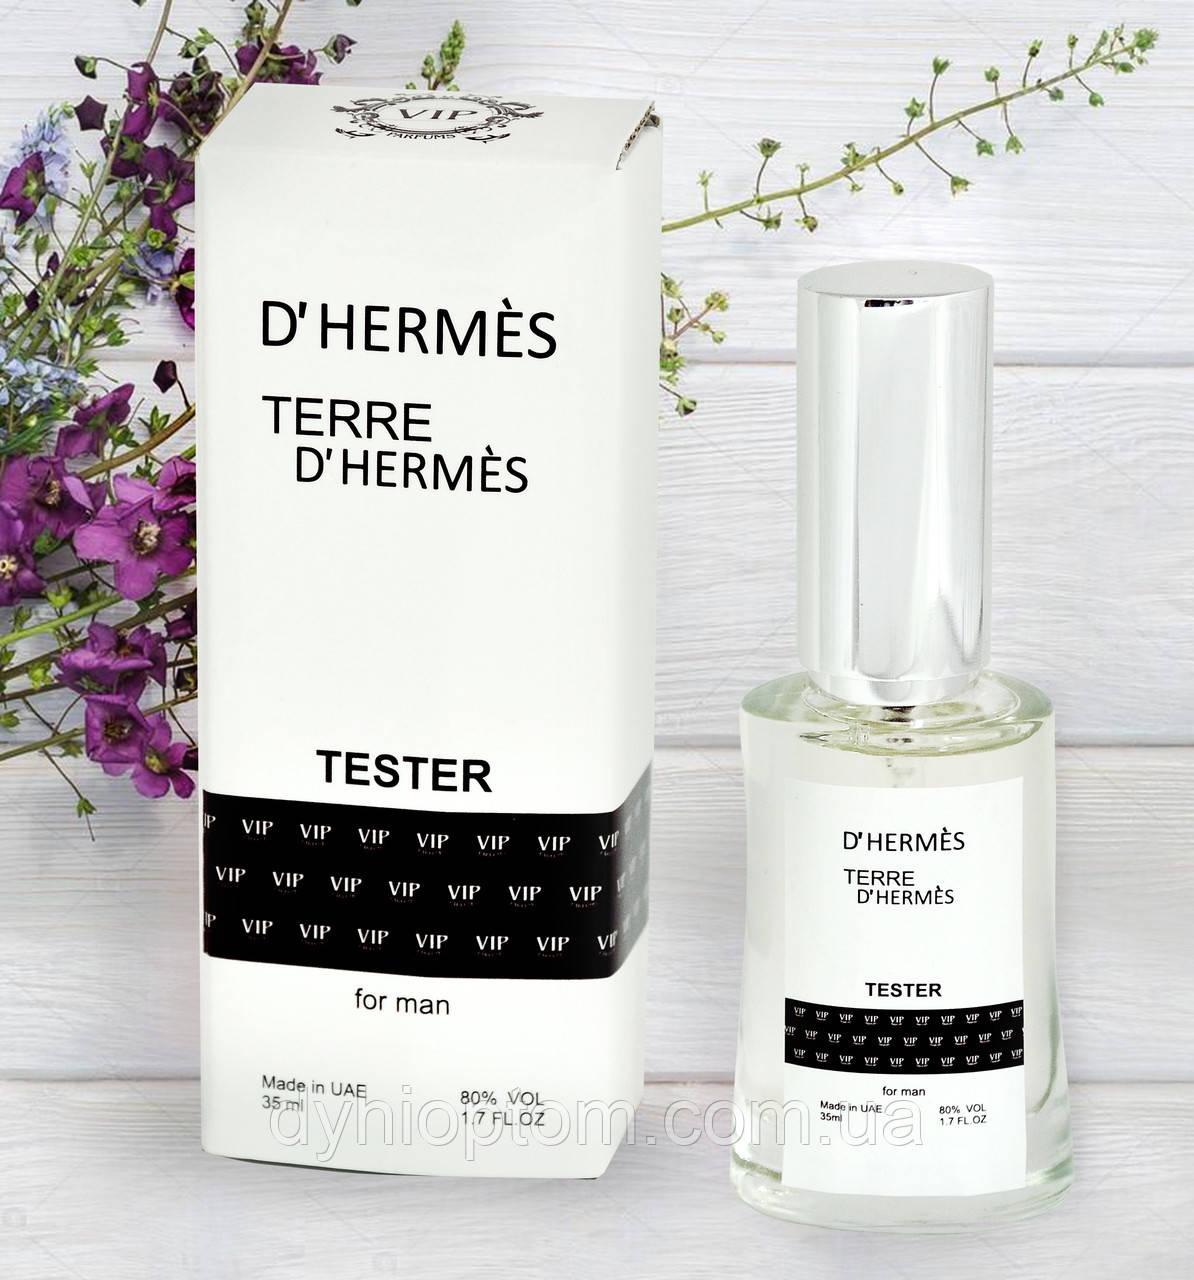 Tester 35 ml VIP Hermes Terre D*Hermes